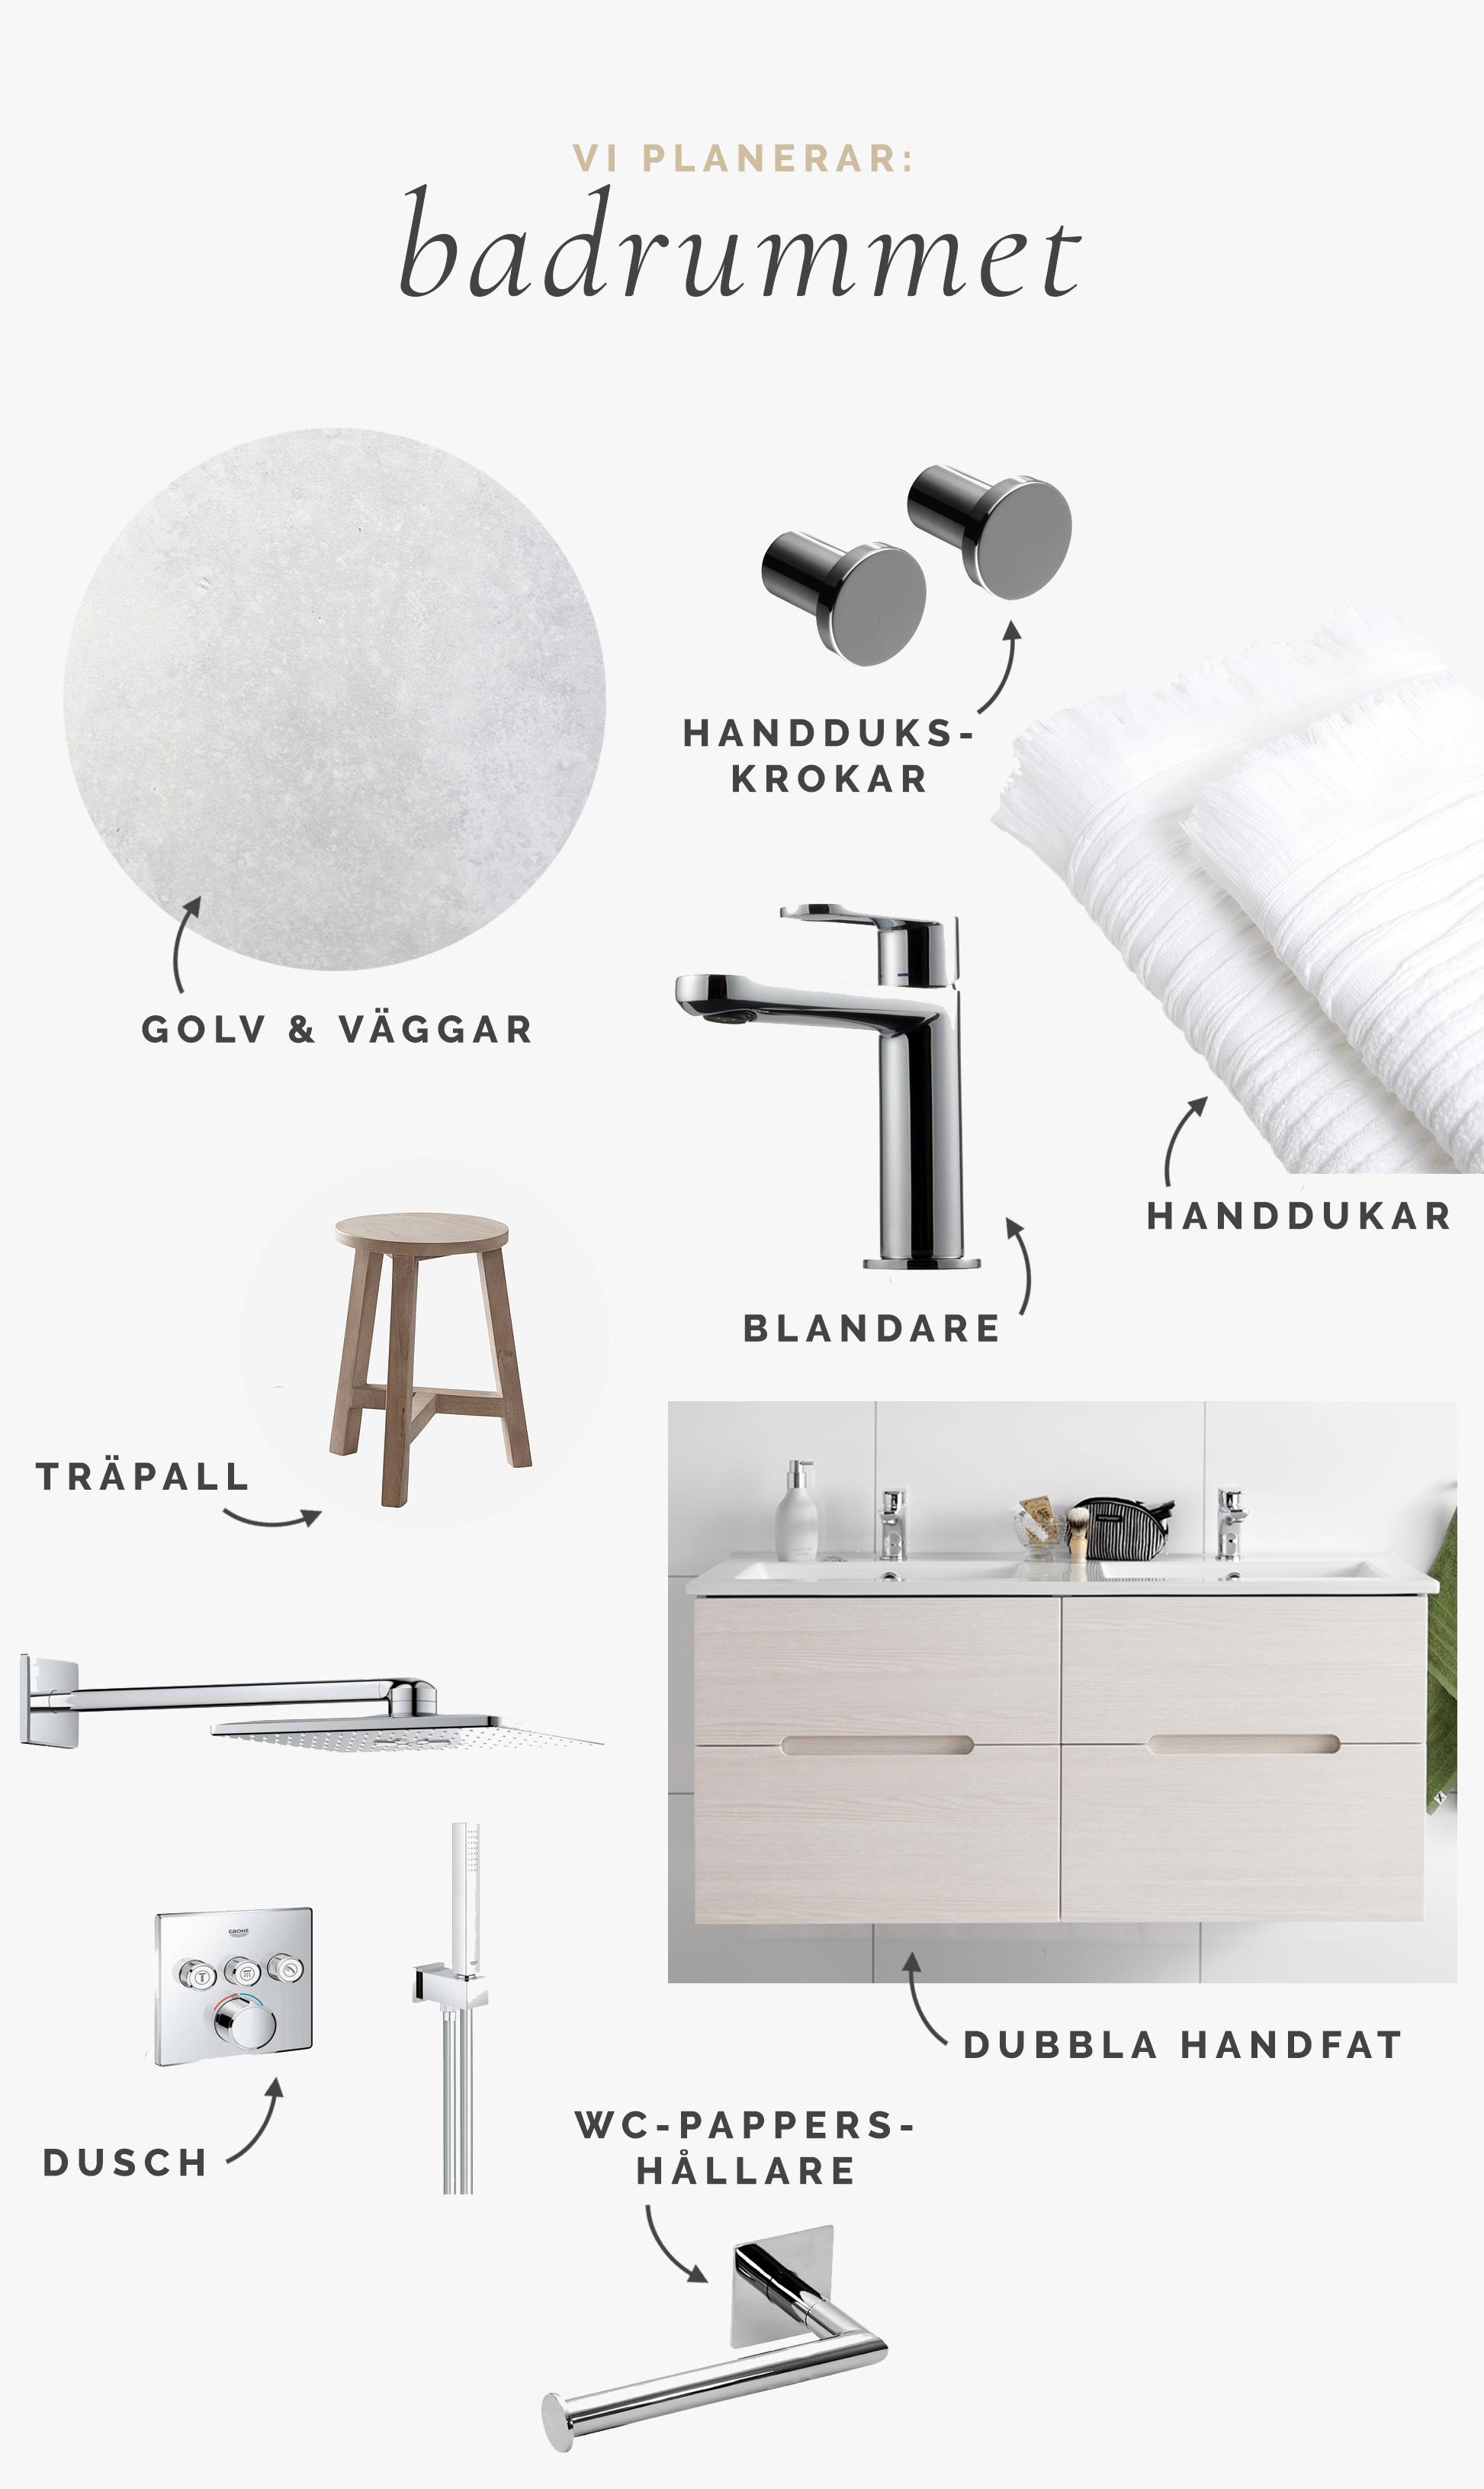 Vår Badrumsplan | Vi bygger ett hus! | By Sandramaria | Skandinavisk inredning | Minimalistiskt badrum